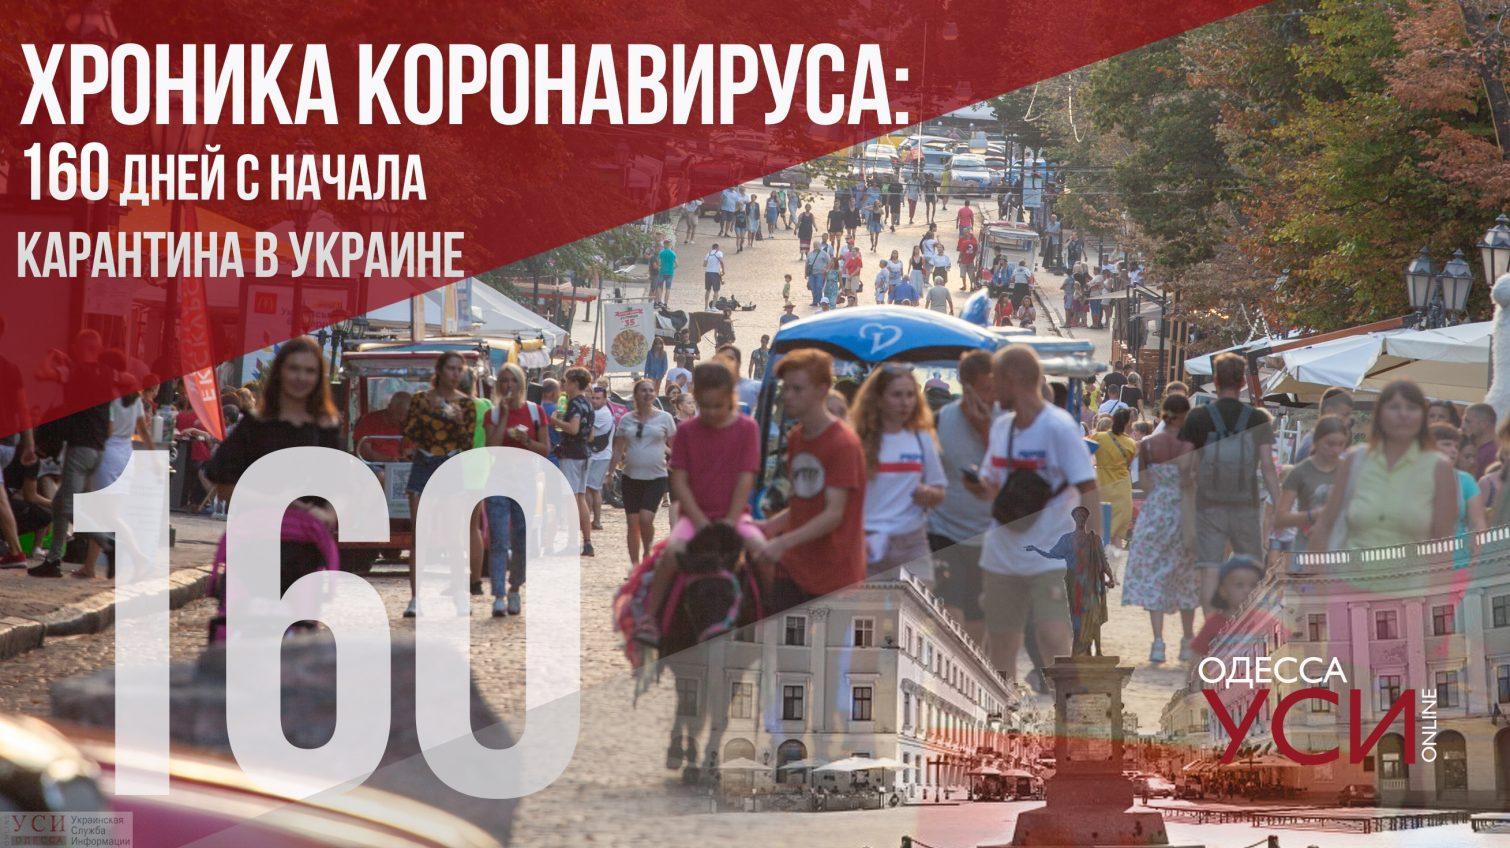 Хроника коронавируса: новый антирекорд на 160-й день с начала карантина в Украине «фото»